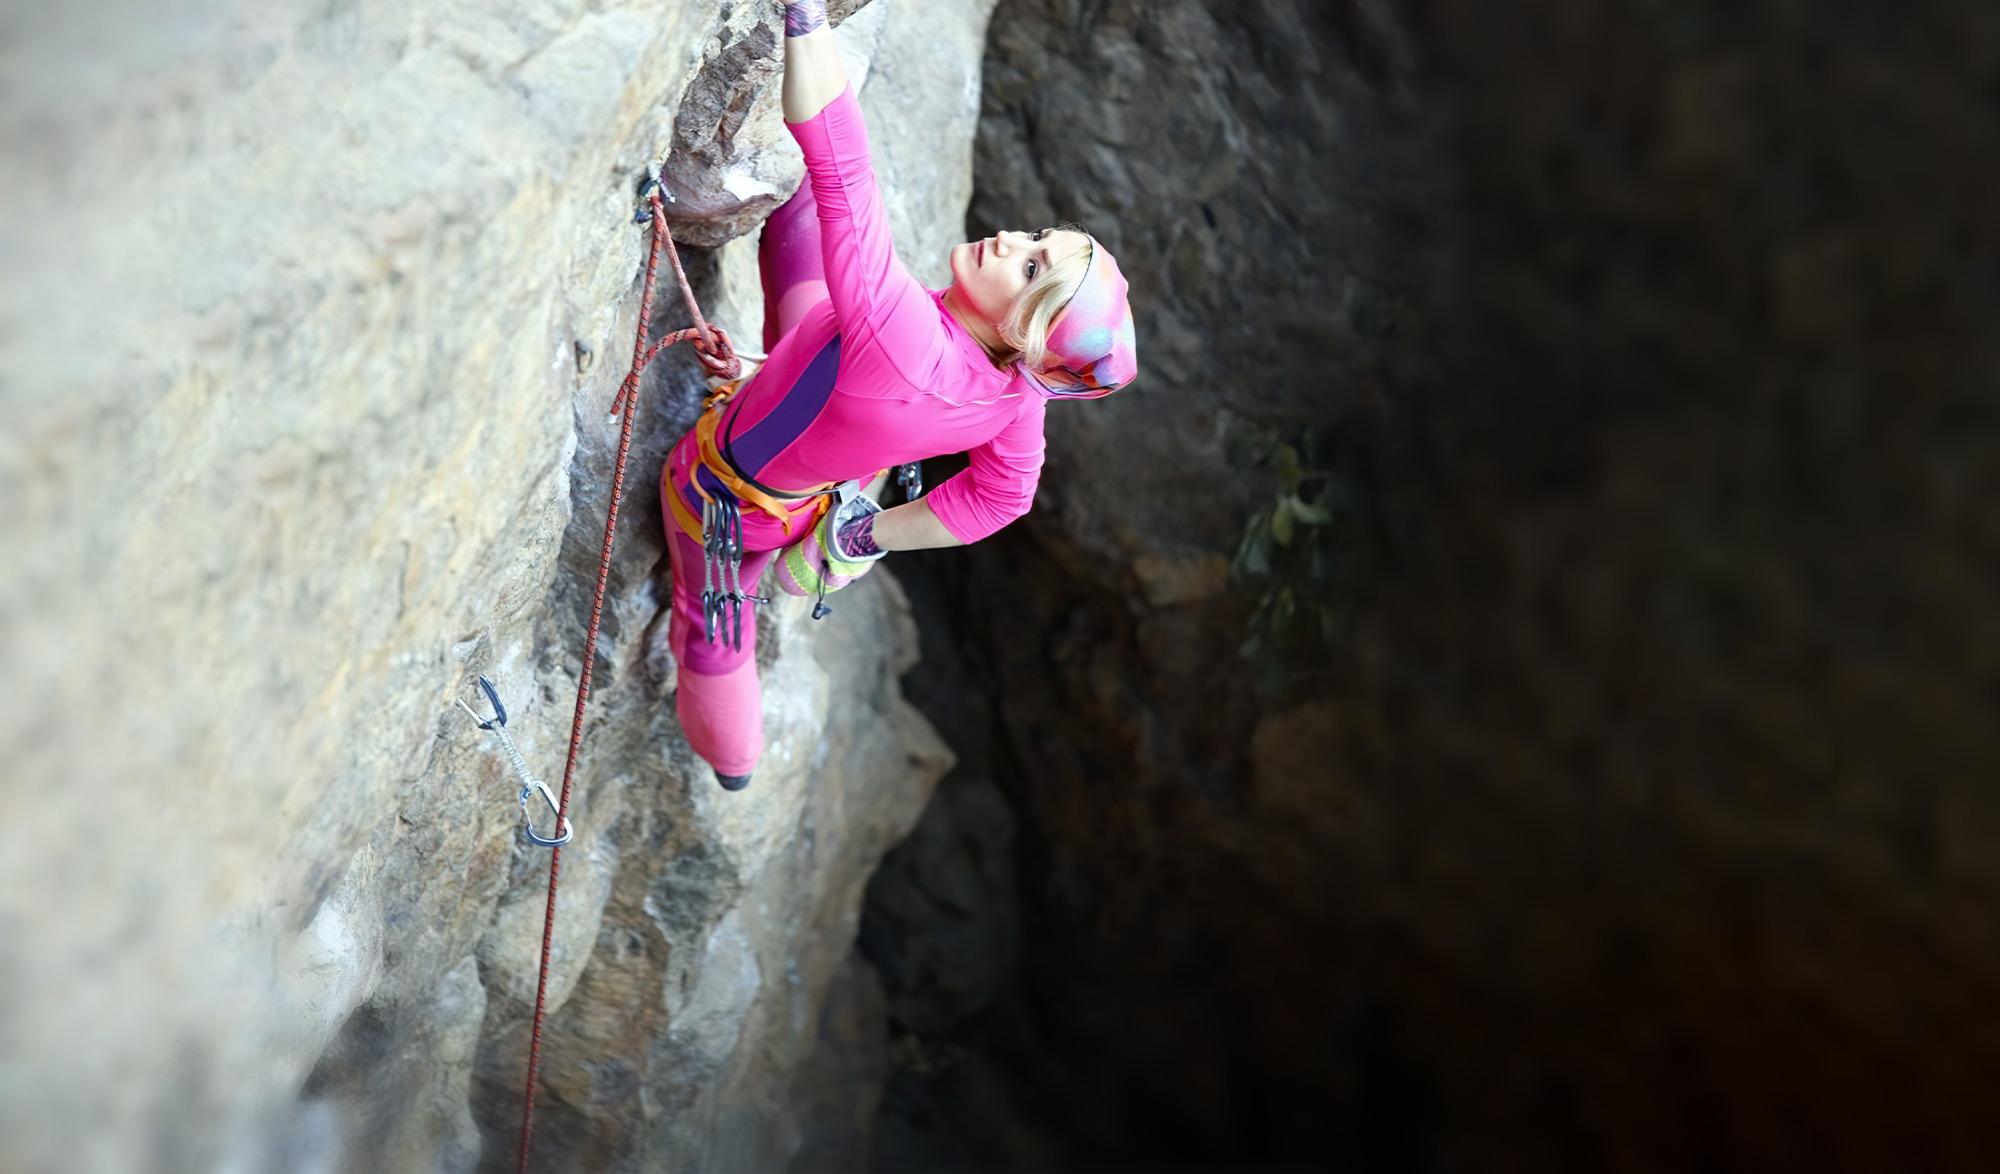 Les grimpeuses iraniennes, entre interdictions et émancipation